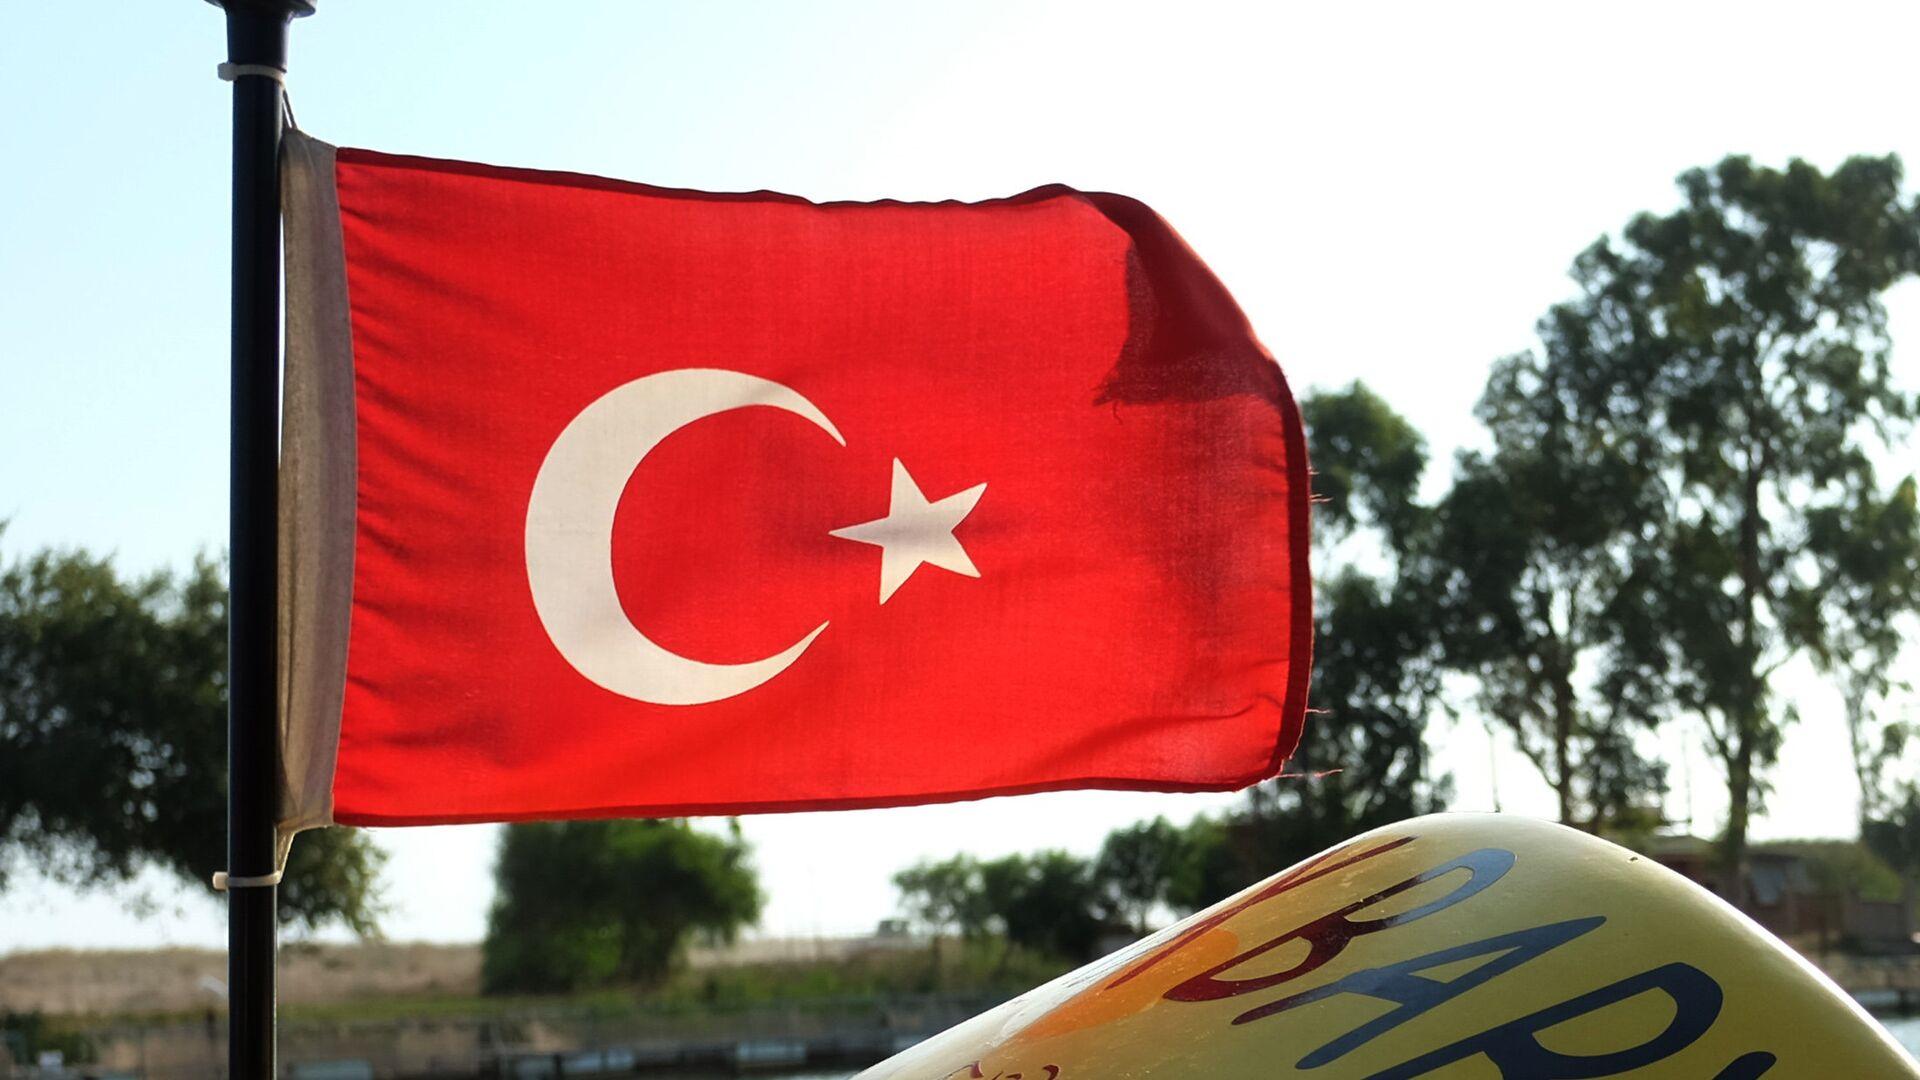 Флаг Турции на катере в Анталье - РИА Новости, 1920, 24.09.2021